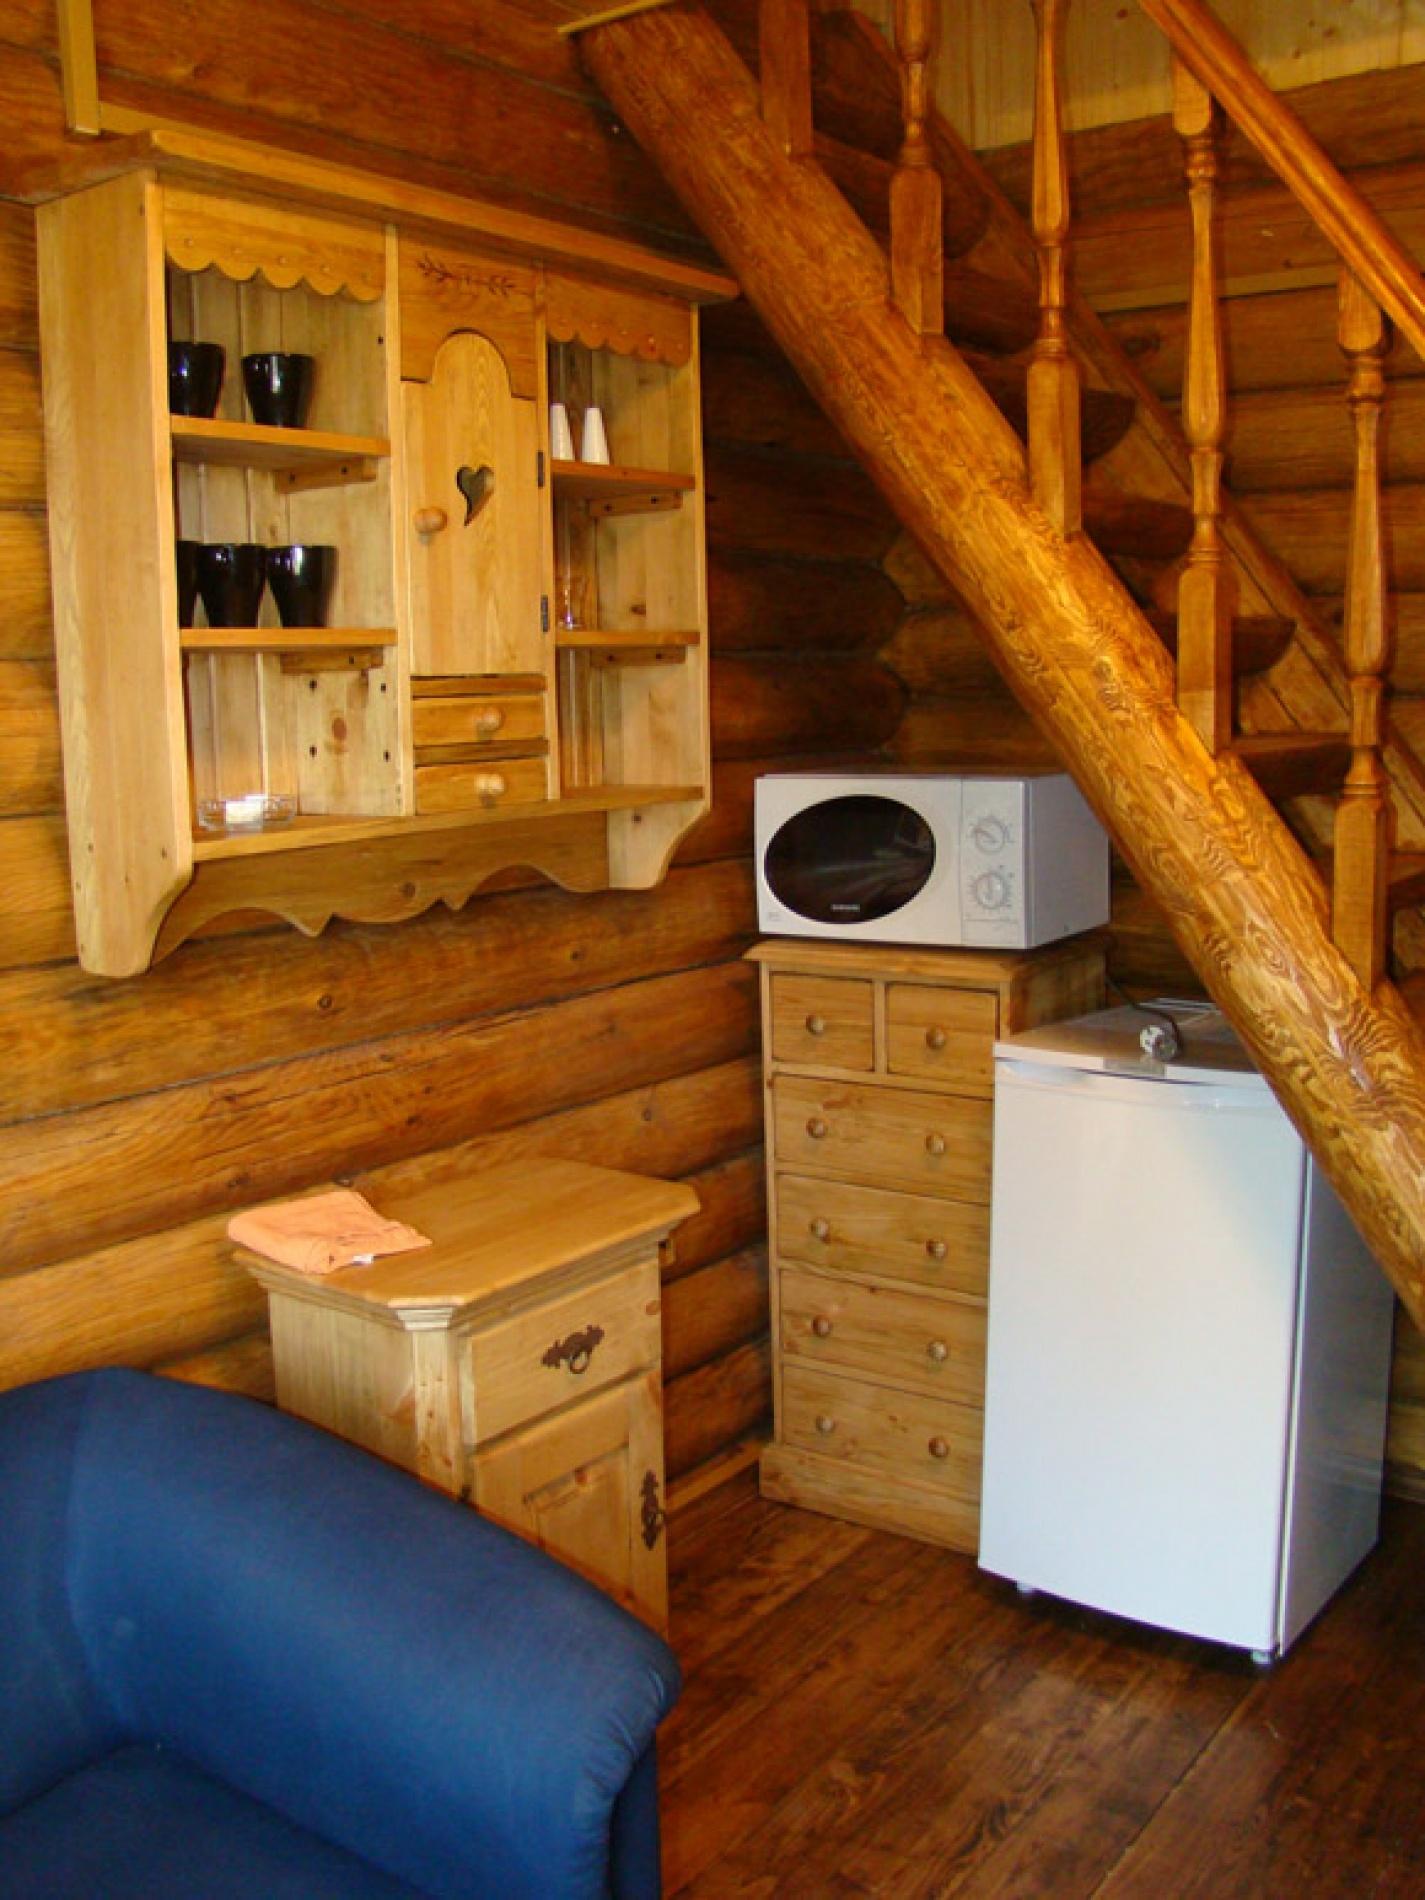 База отдыха «Барсучок» Тульская область 2-местный домик № 1б, 2б, 3б, 4б, фото 4